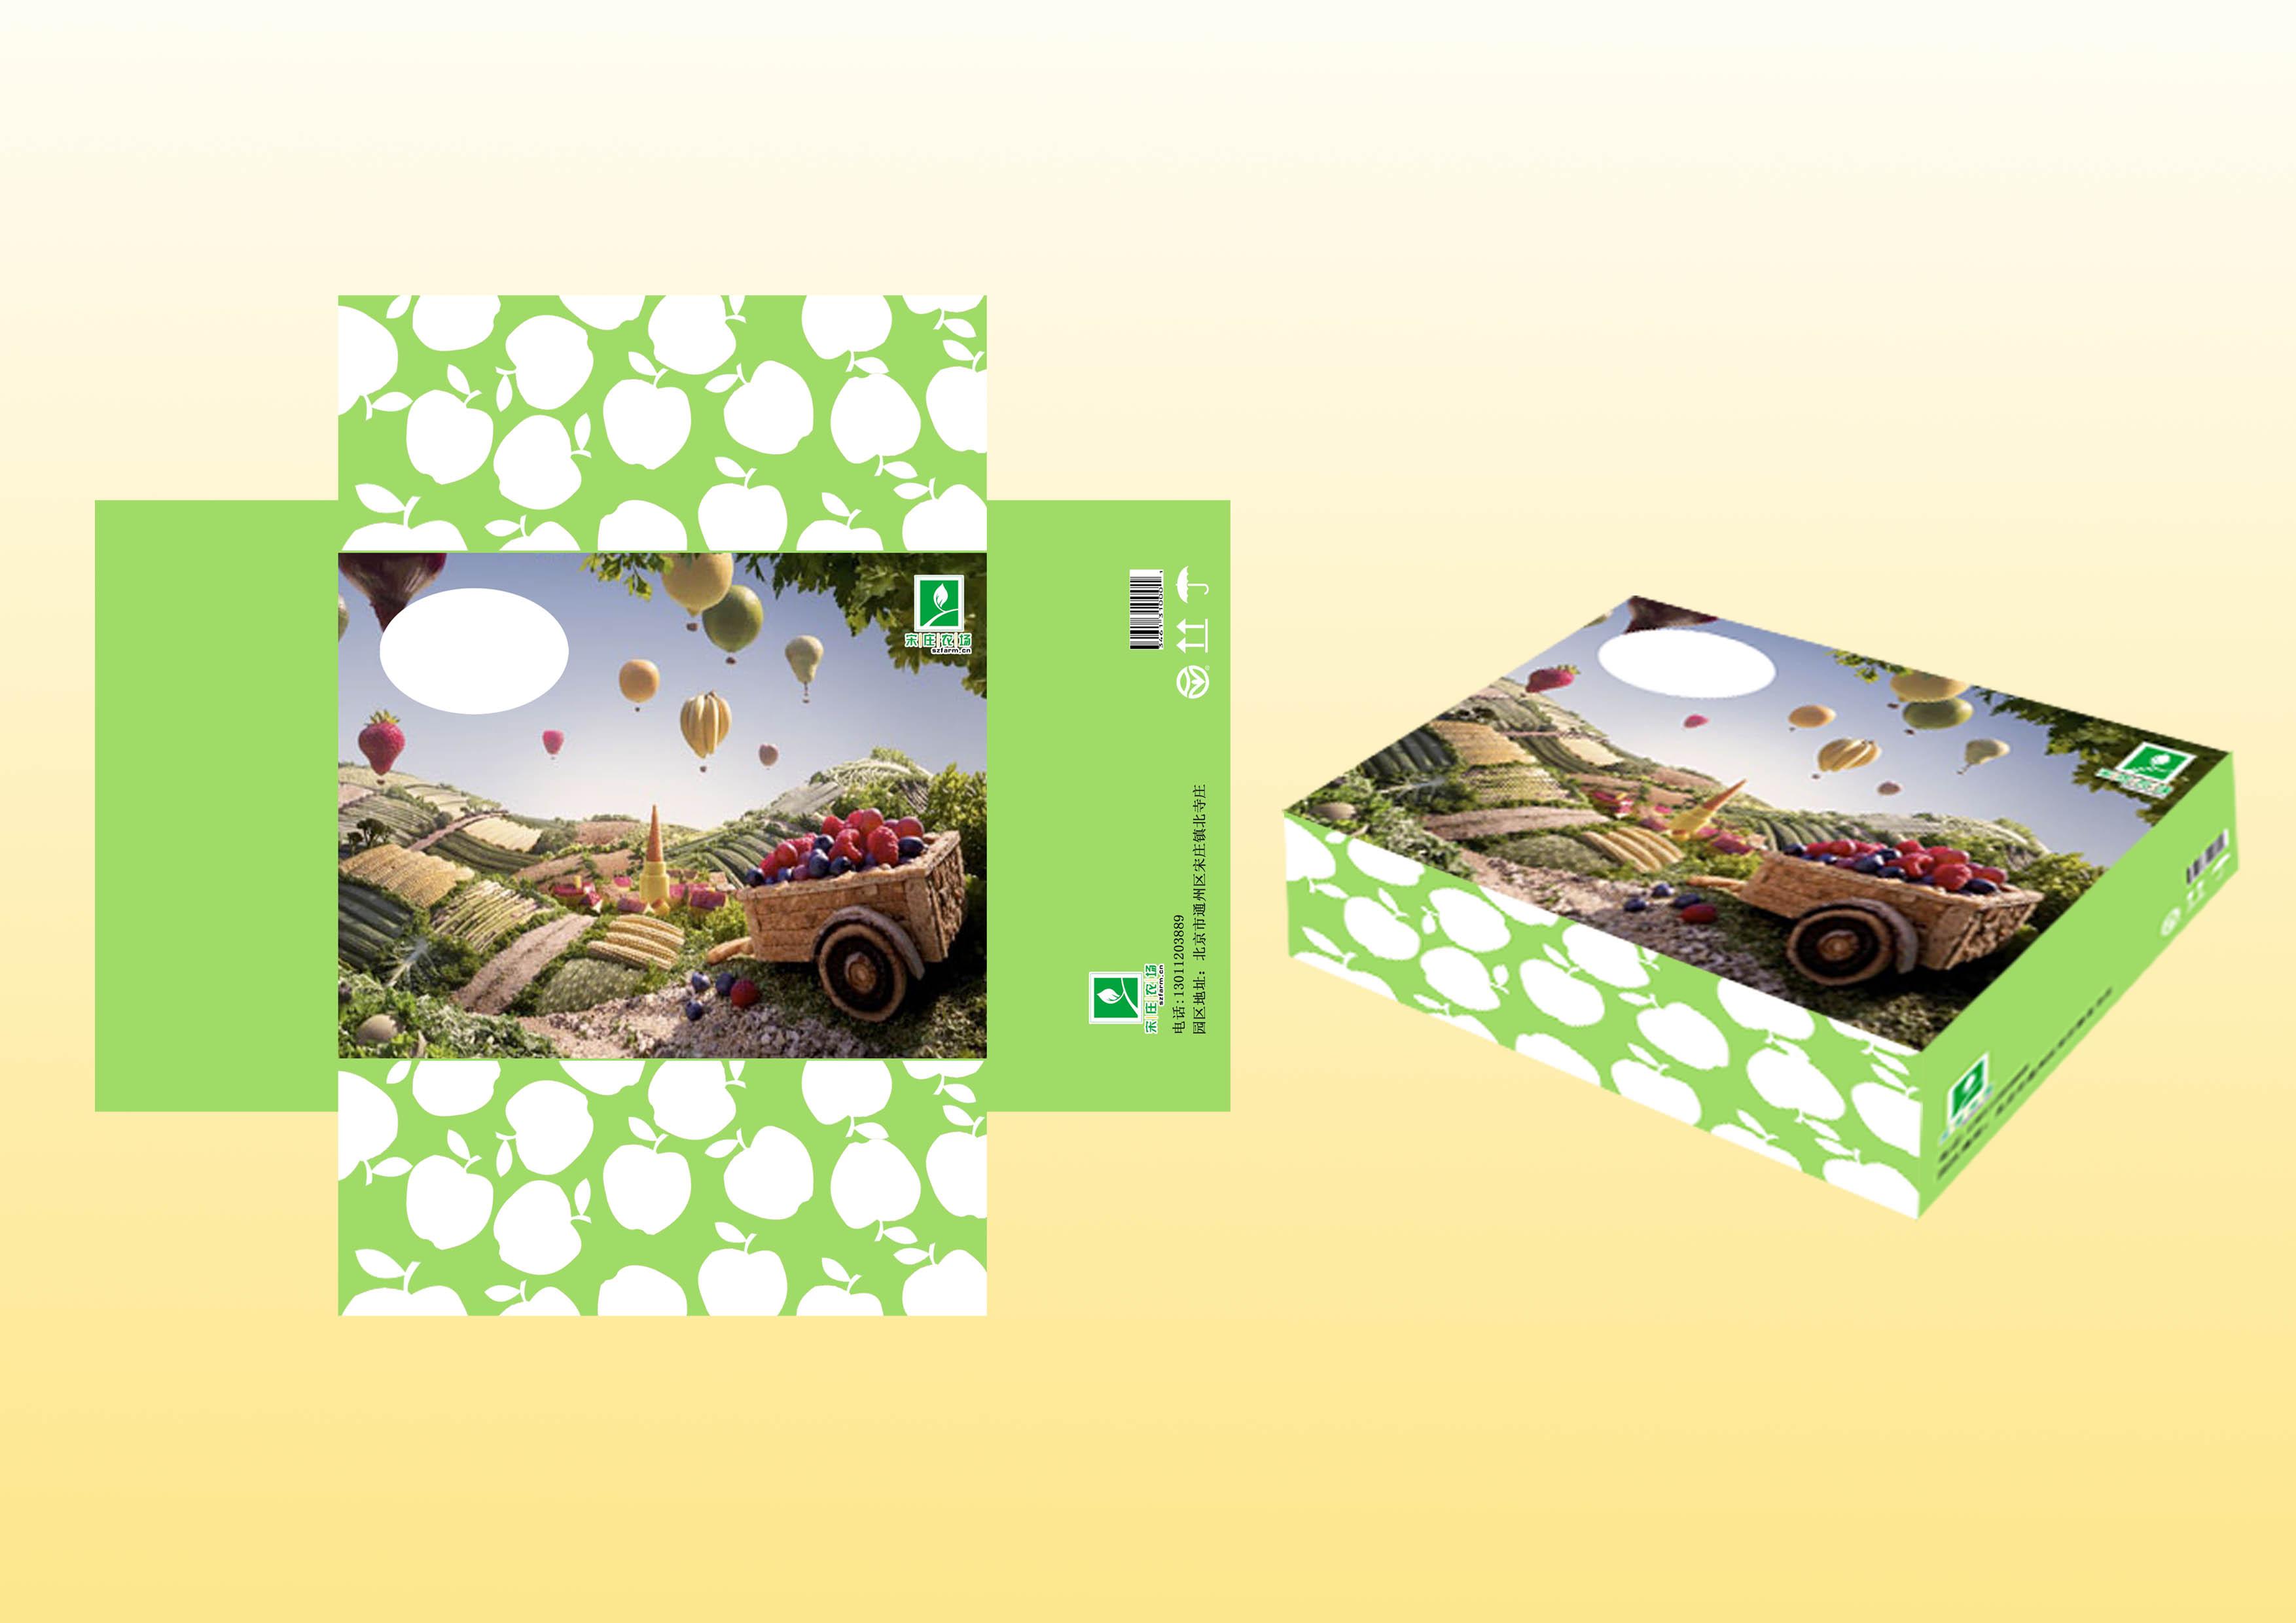 金宏帝农业-包装纸箱设计.(3天) 一:任务内容:北京金宏帝农业发展有限公司蔬果包装纸箱设计. 二:包装产品:有机蔬菜或有机水果 三:设计要求: 1:规格 长40* 宽30* 高15cm ,箱子是天地盖的形式 ,在箱子左上或右上留出一直径为13cm的圆(切空),主要能看到箱子里的实物! 2:包装箱主色调以绿,橙,黄为主 3:盒内产品以一种或多种有机蔬菜或水果为主,主要是做个通用的箱子; 4:设计师请您考虑到我们的受众基本是以高端客户为主,基本的要求是要有档次; 5:设计力求美观、简洁、大方、醒目; 6: